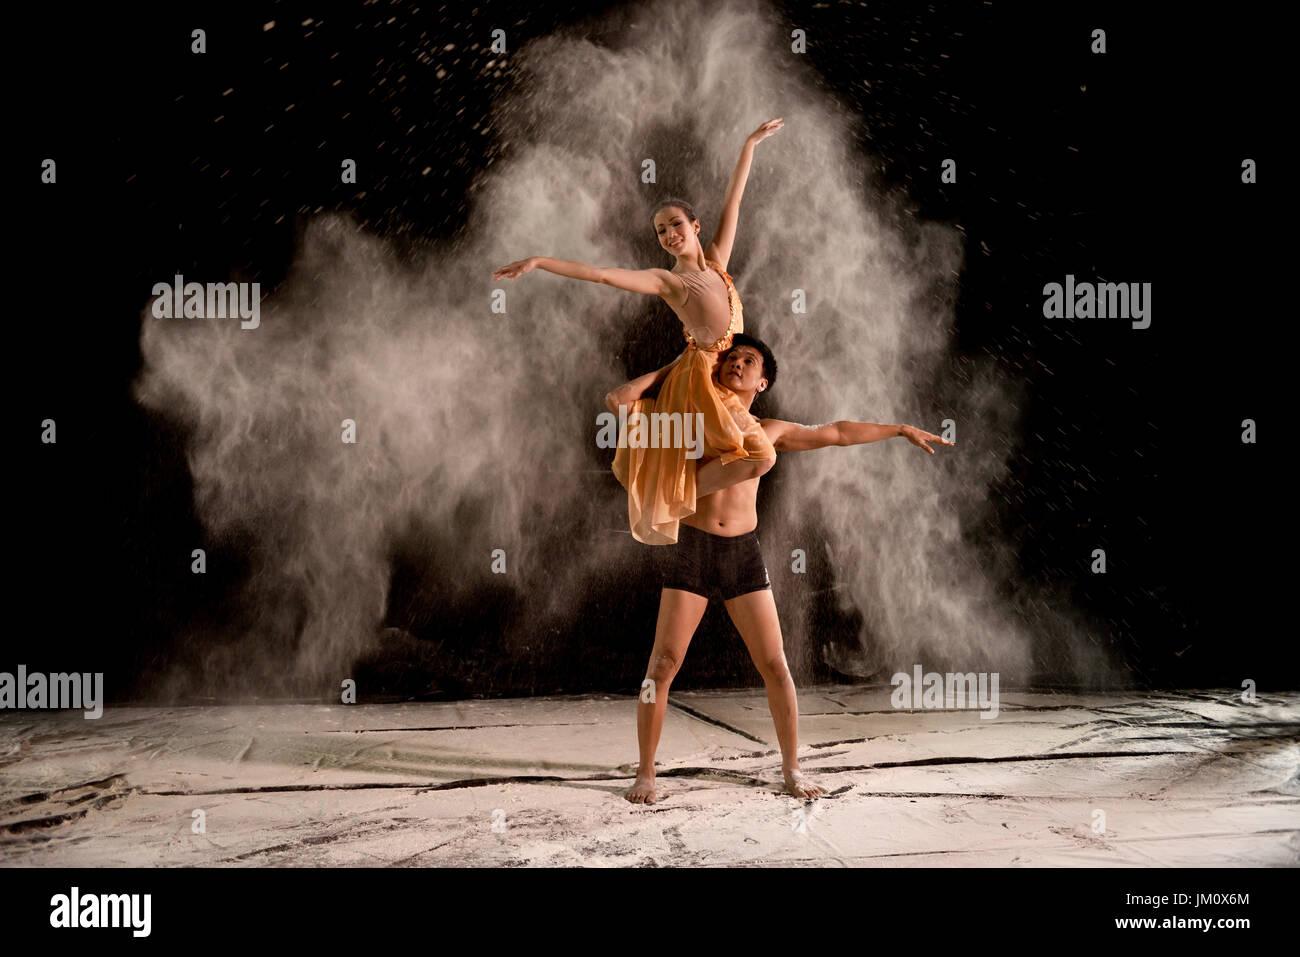 Coppia attraente ballerina con polvere bianca in aria su sfondo nero Immagini Stock